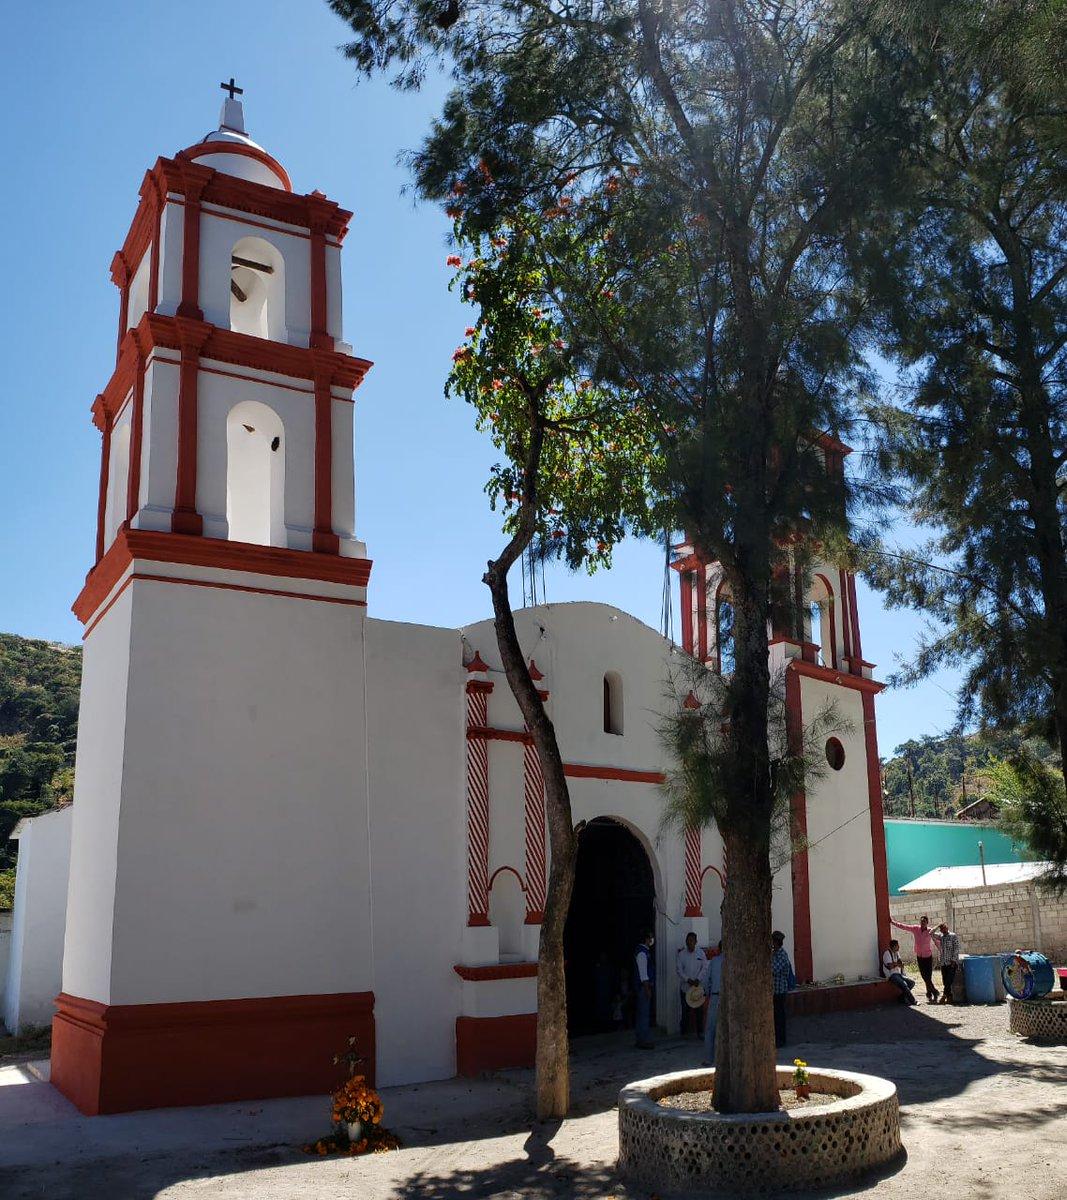 INAH entrega iglesia a la comunidad de Ocotequila, Gro., previo a la fiesta de su patrona, La Purísima Concepción